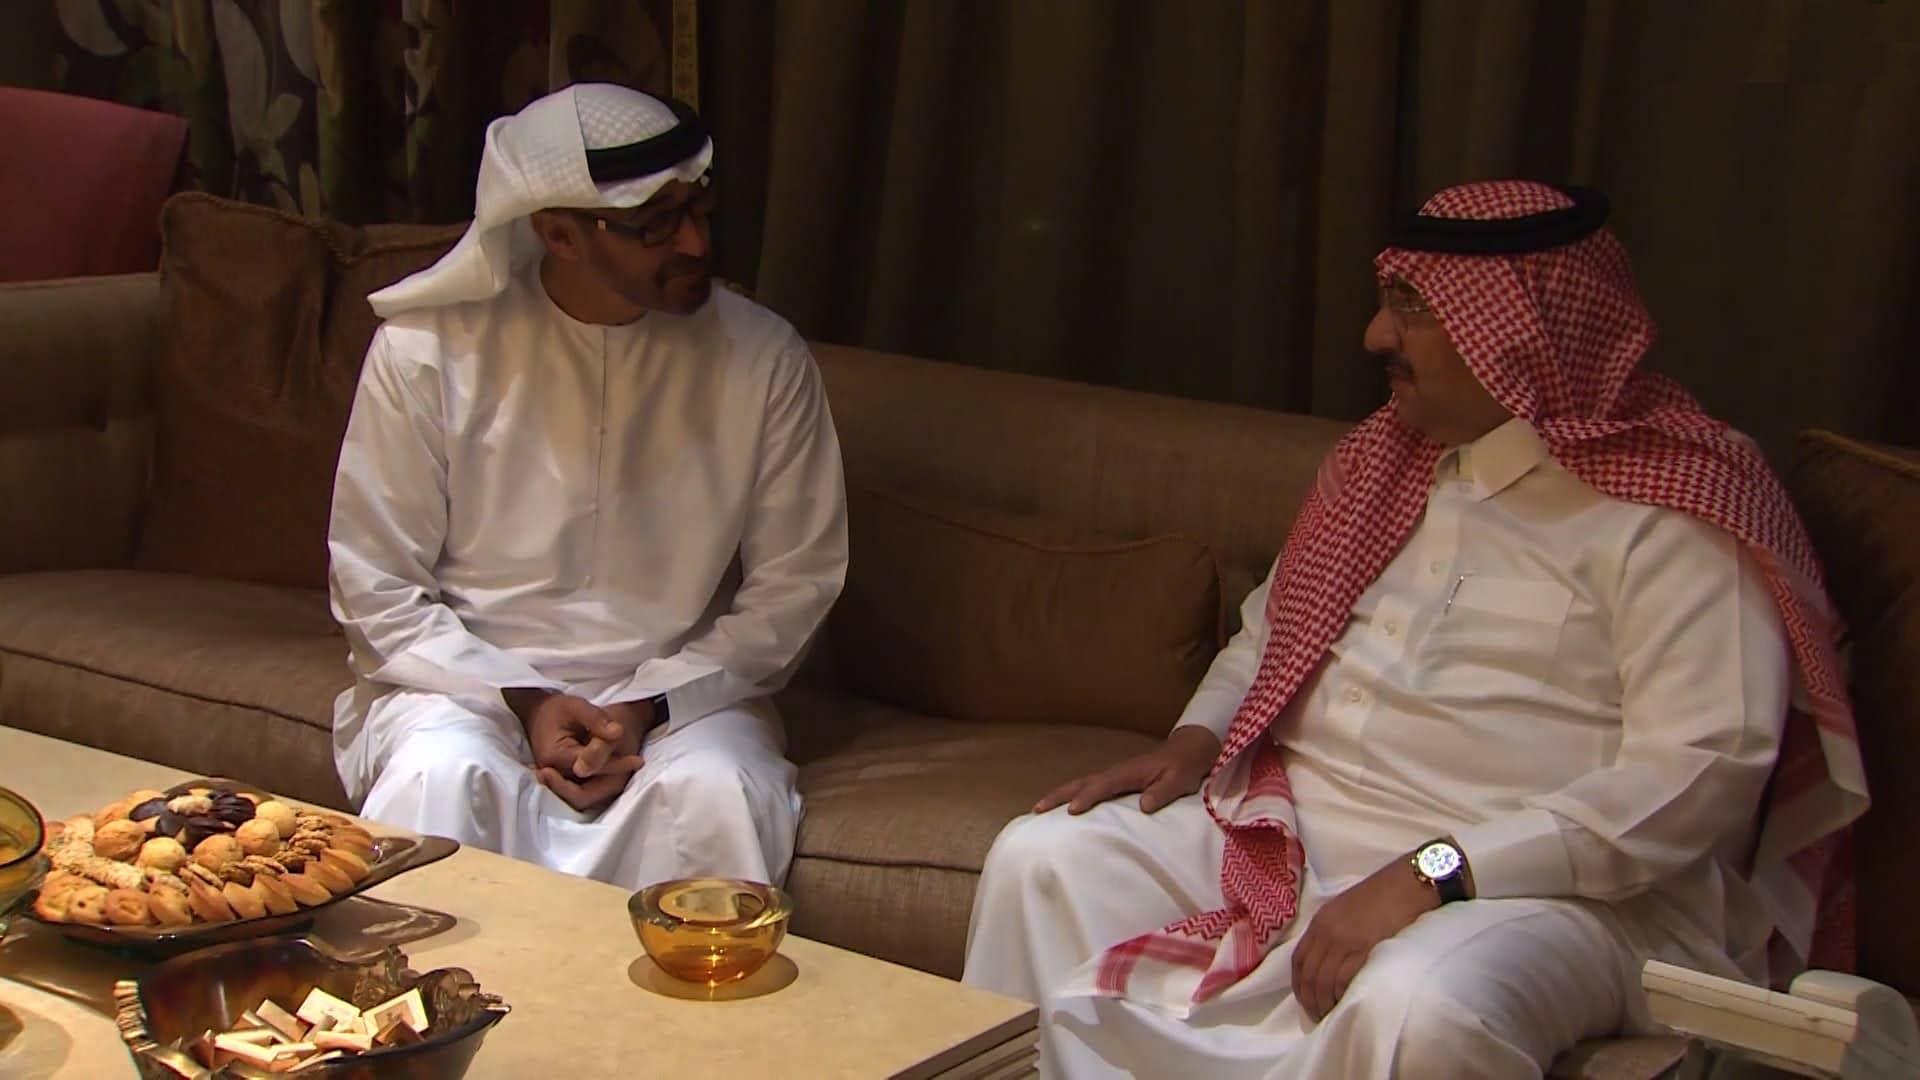 """كان يجلس بين أقدام محمد بن نايف.. """"شاهد"""" كيف استطاع محمد بن زايد الهيمنة على القرار السعودي؟!"""